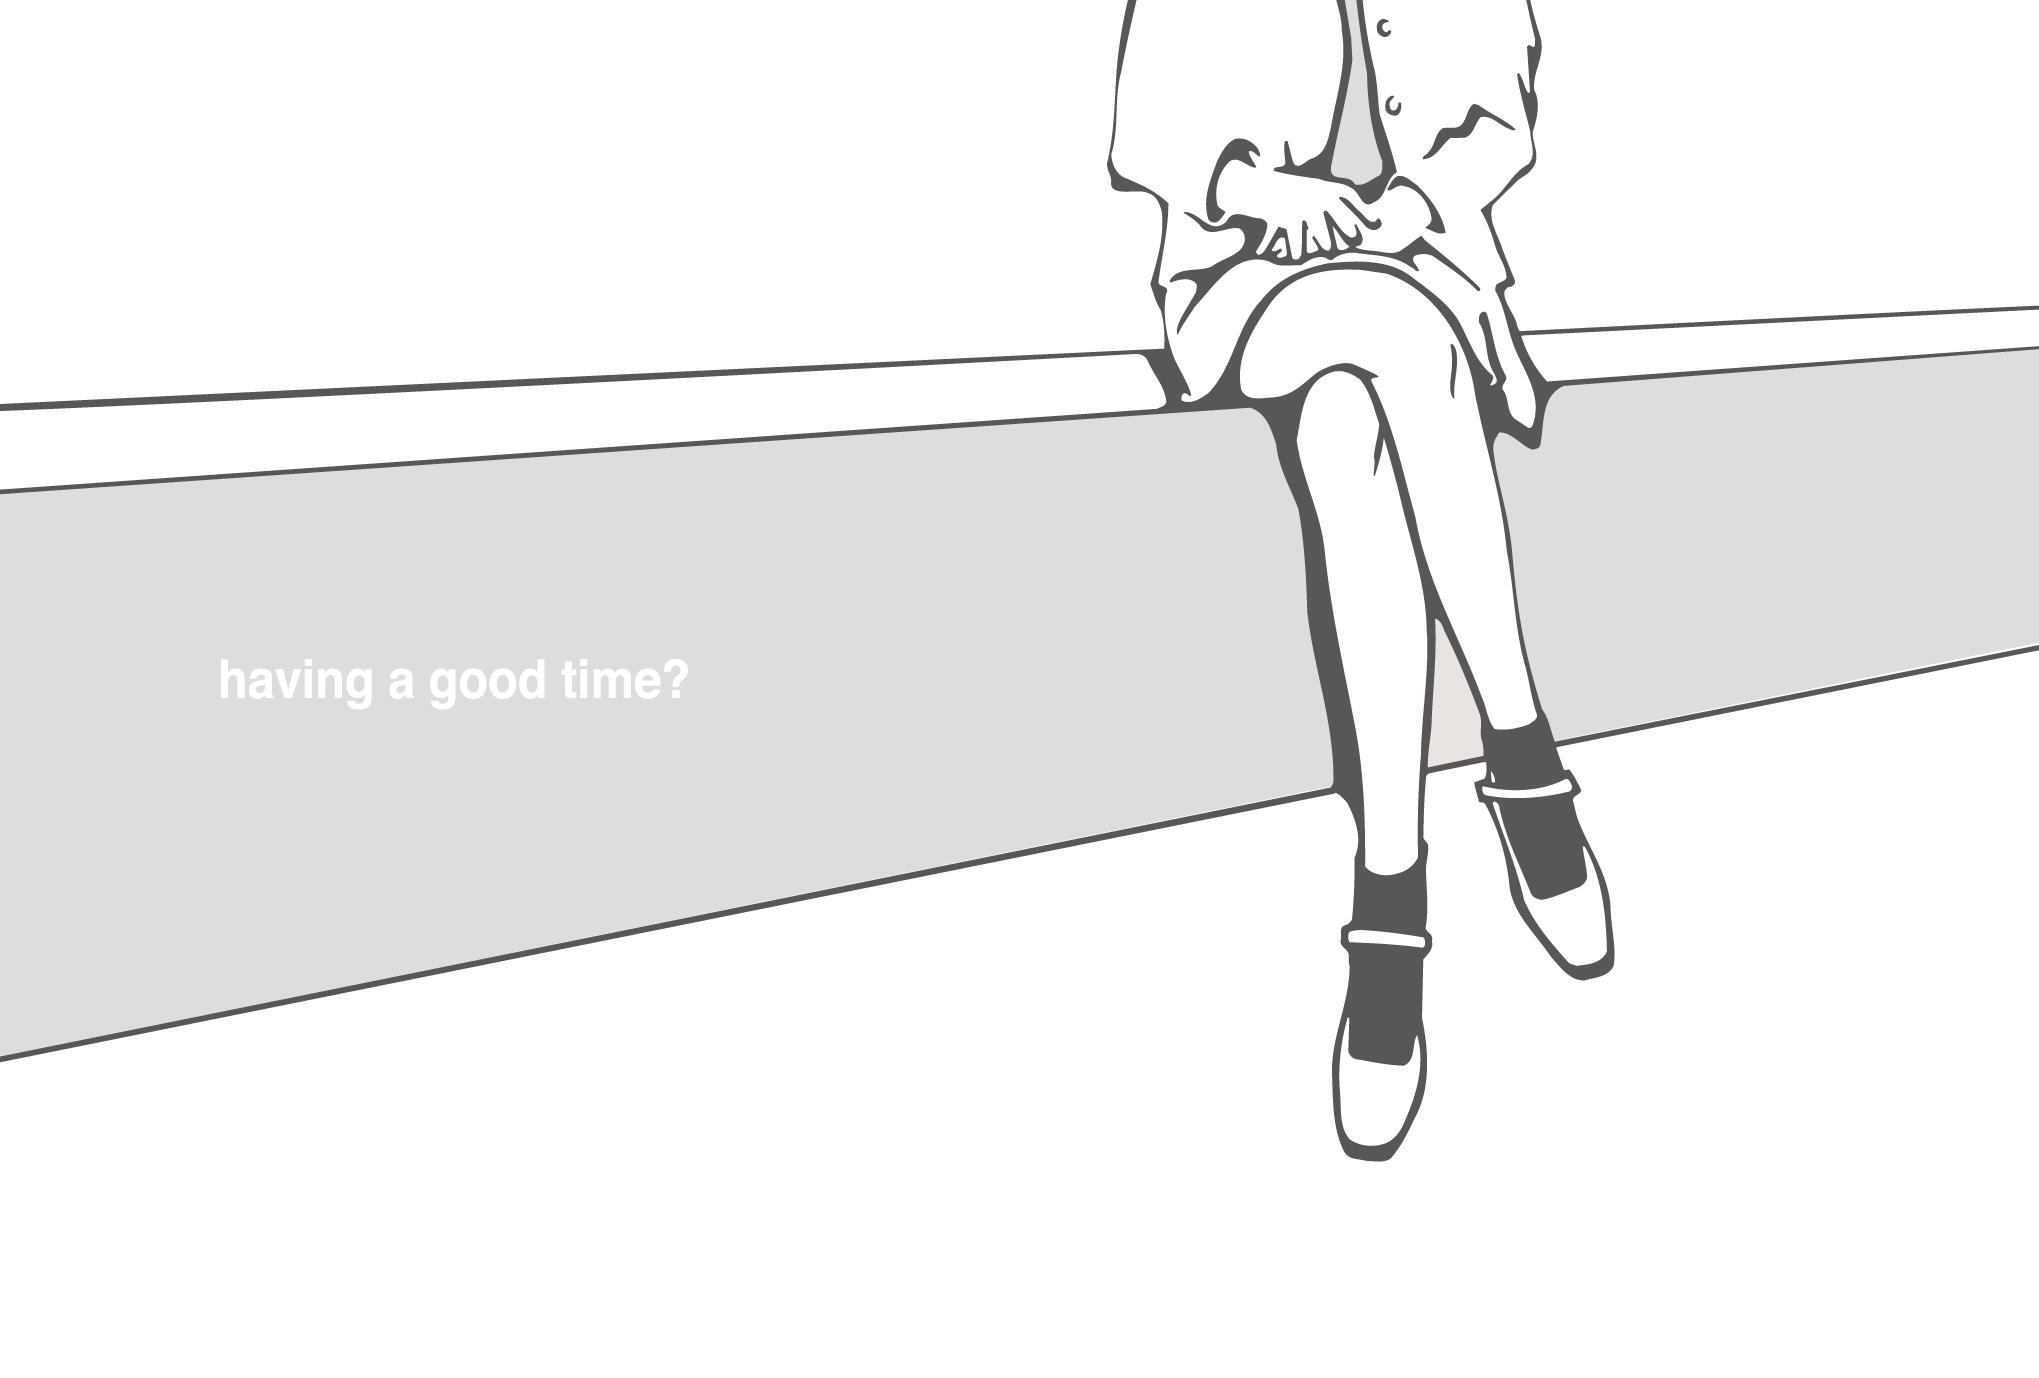 サマーカード40:Having a good time?のダウンロード画像